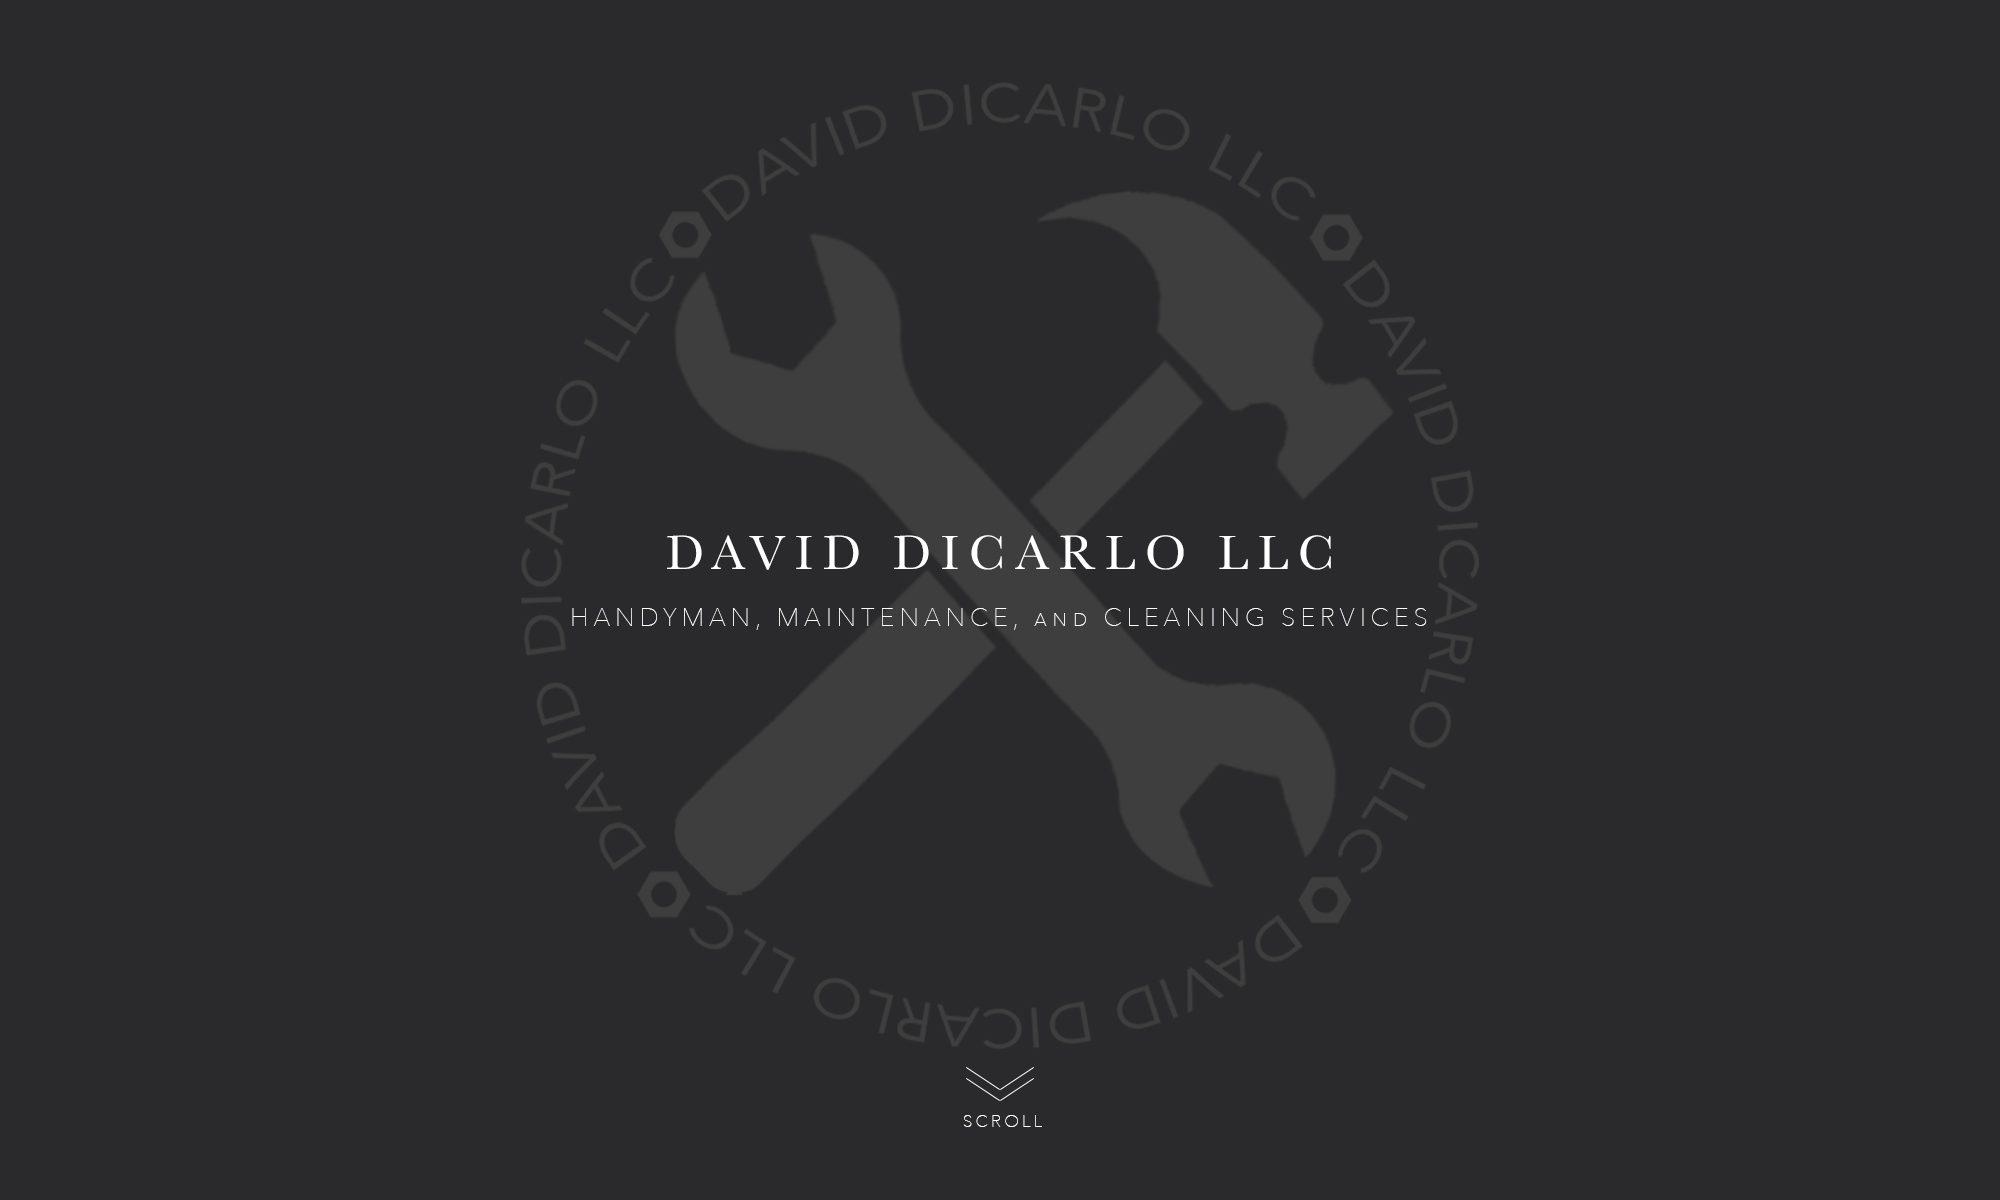 David DiCarlo LLC